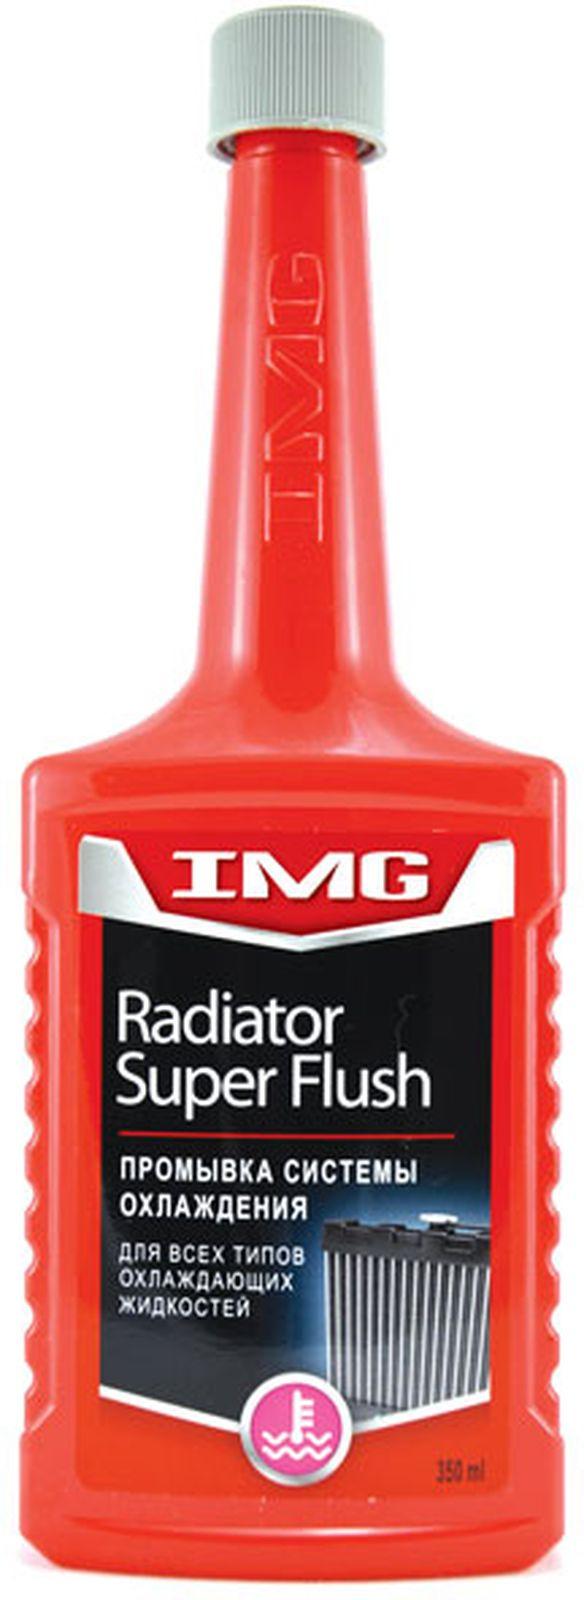 Промывка системы охлаждения IMG, 350 мл